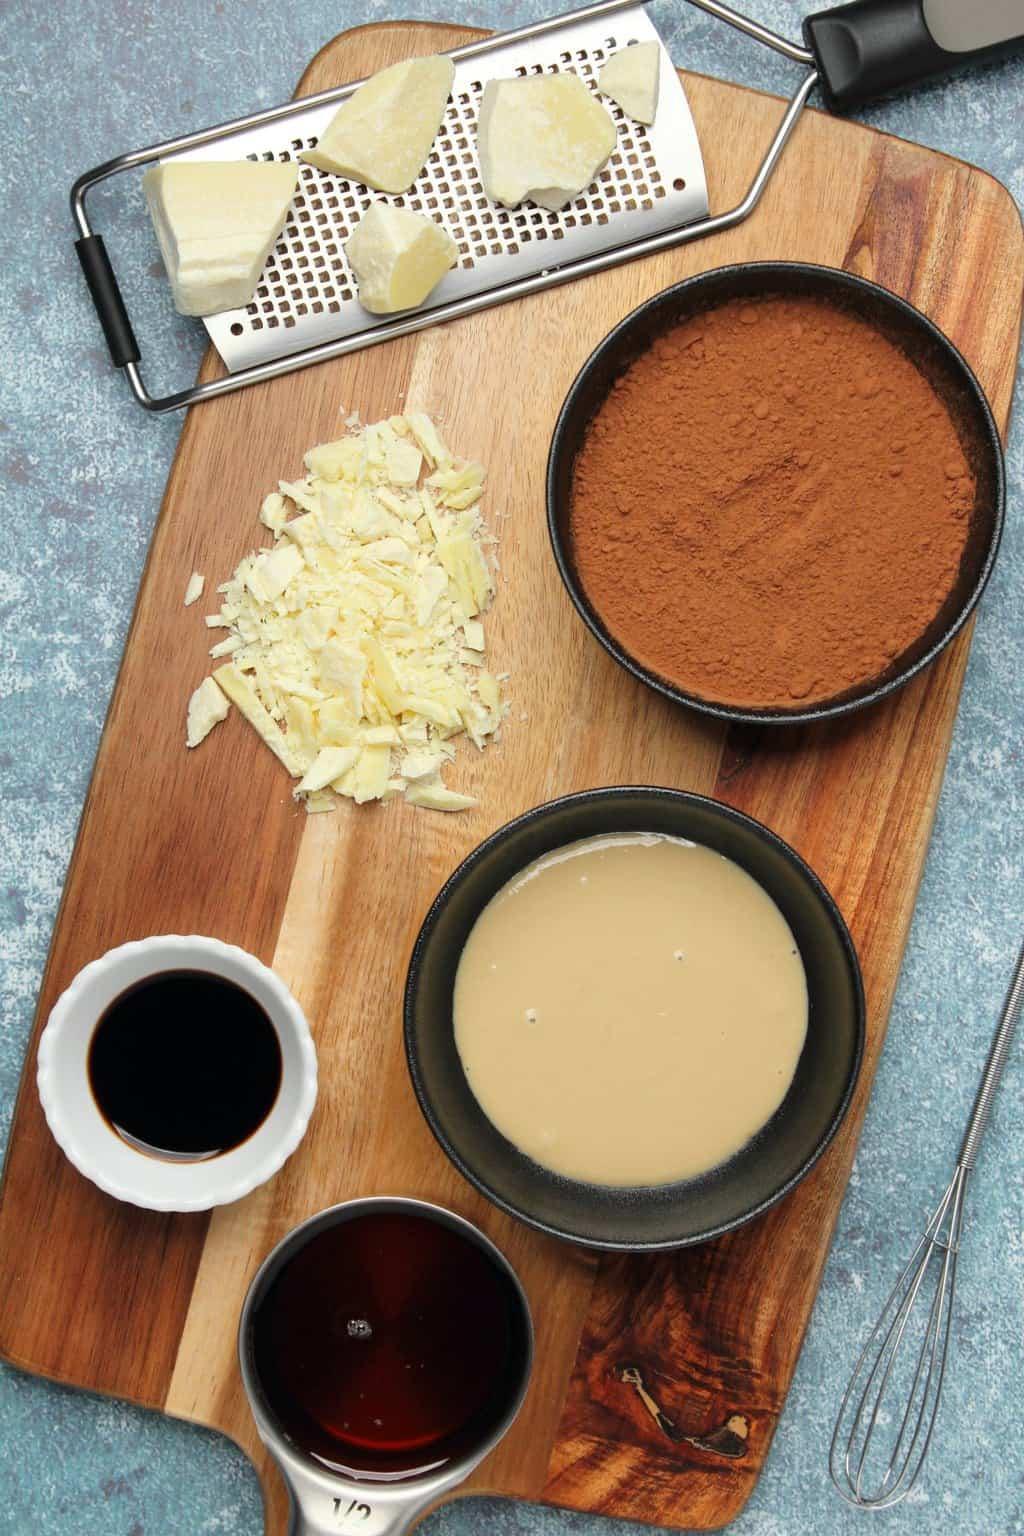 Ingredients for making vegan chocolate.